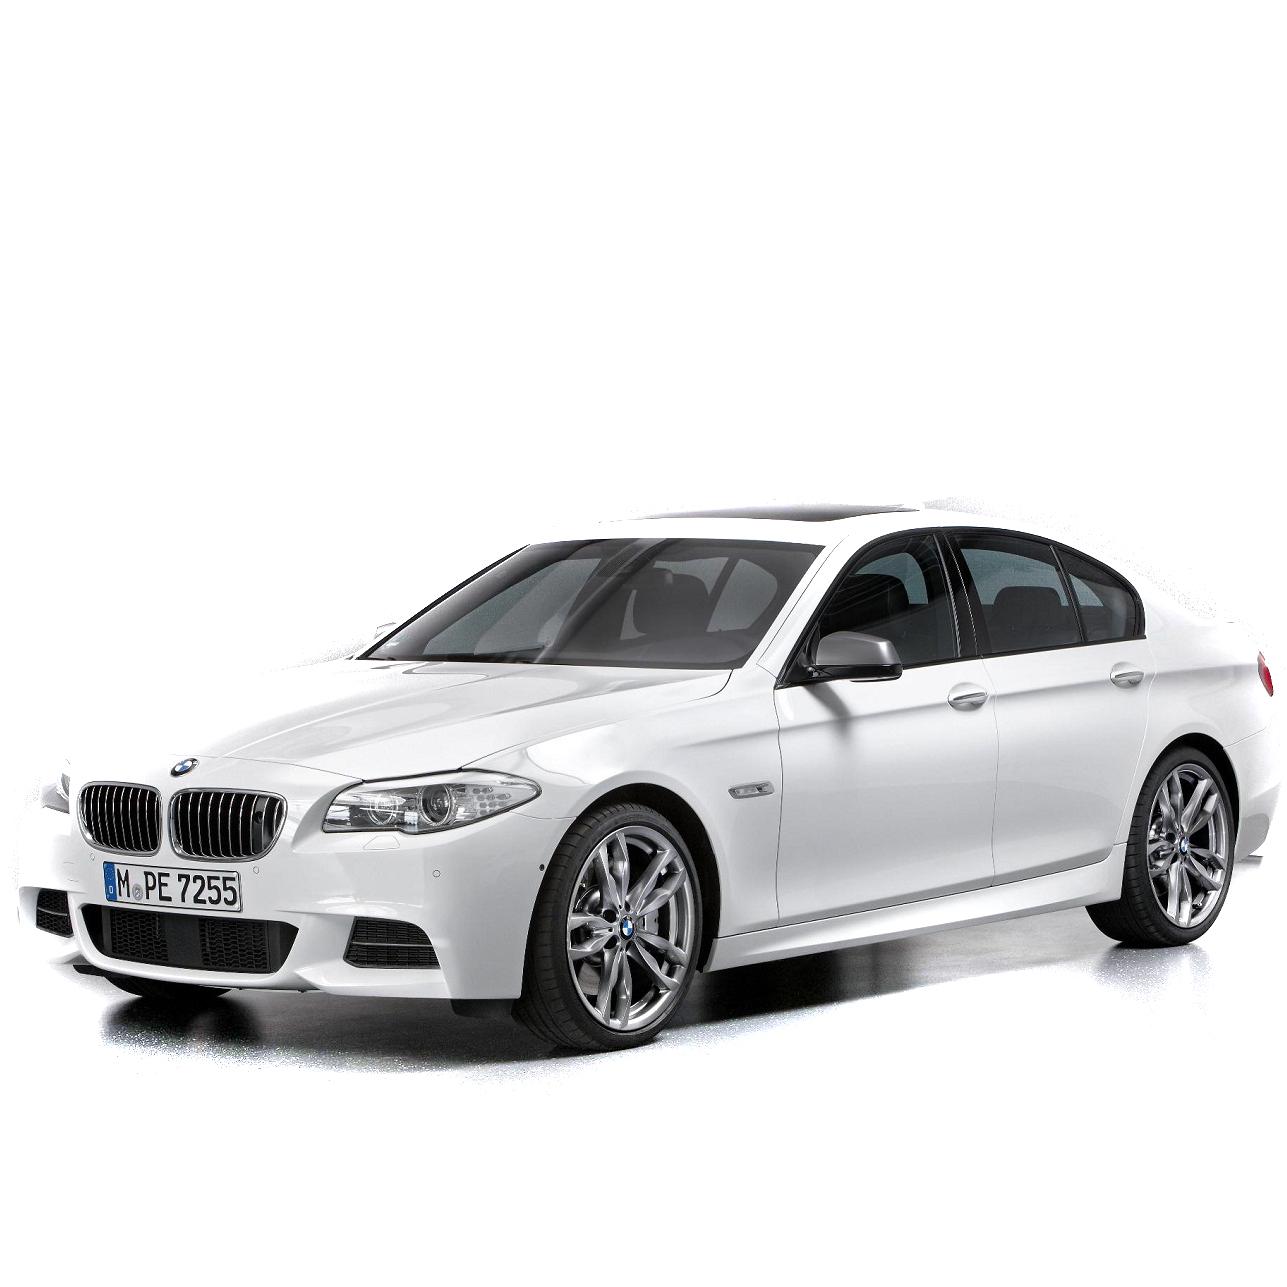 BMW 5 Series Car Mats (All Models)